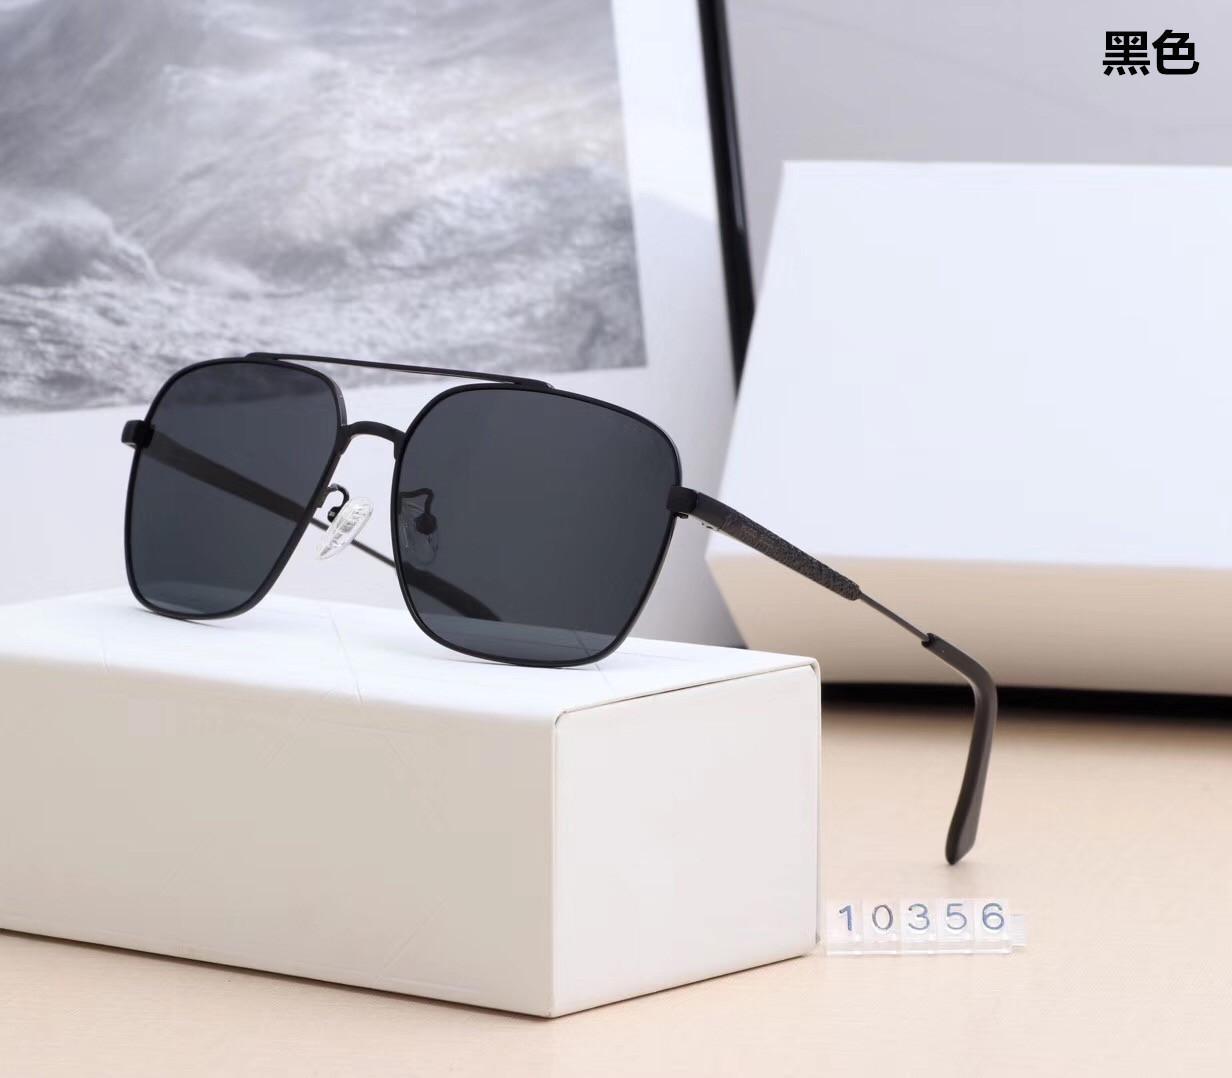 Sonnenbrille Chef 2019 Neue 10356 Box Polarisierte Fahrt Sonnenbrille Farbe Film Personalisierte Sonnenbrille Männer